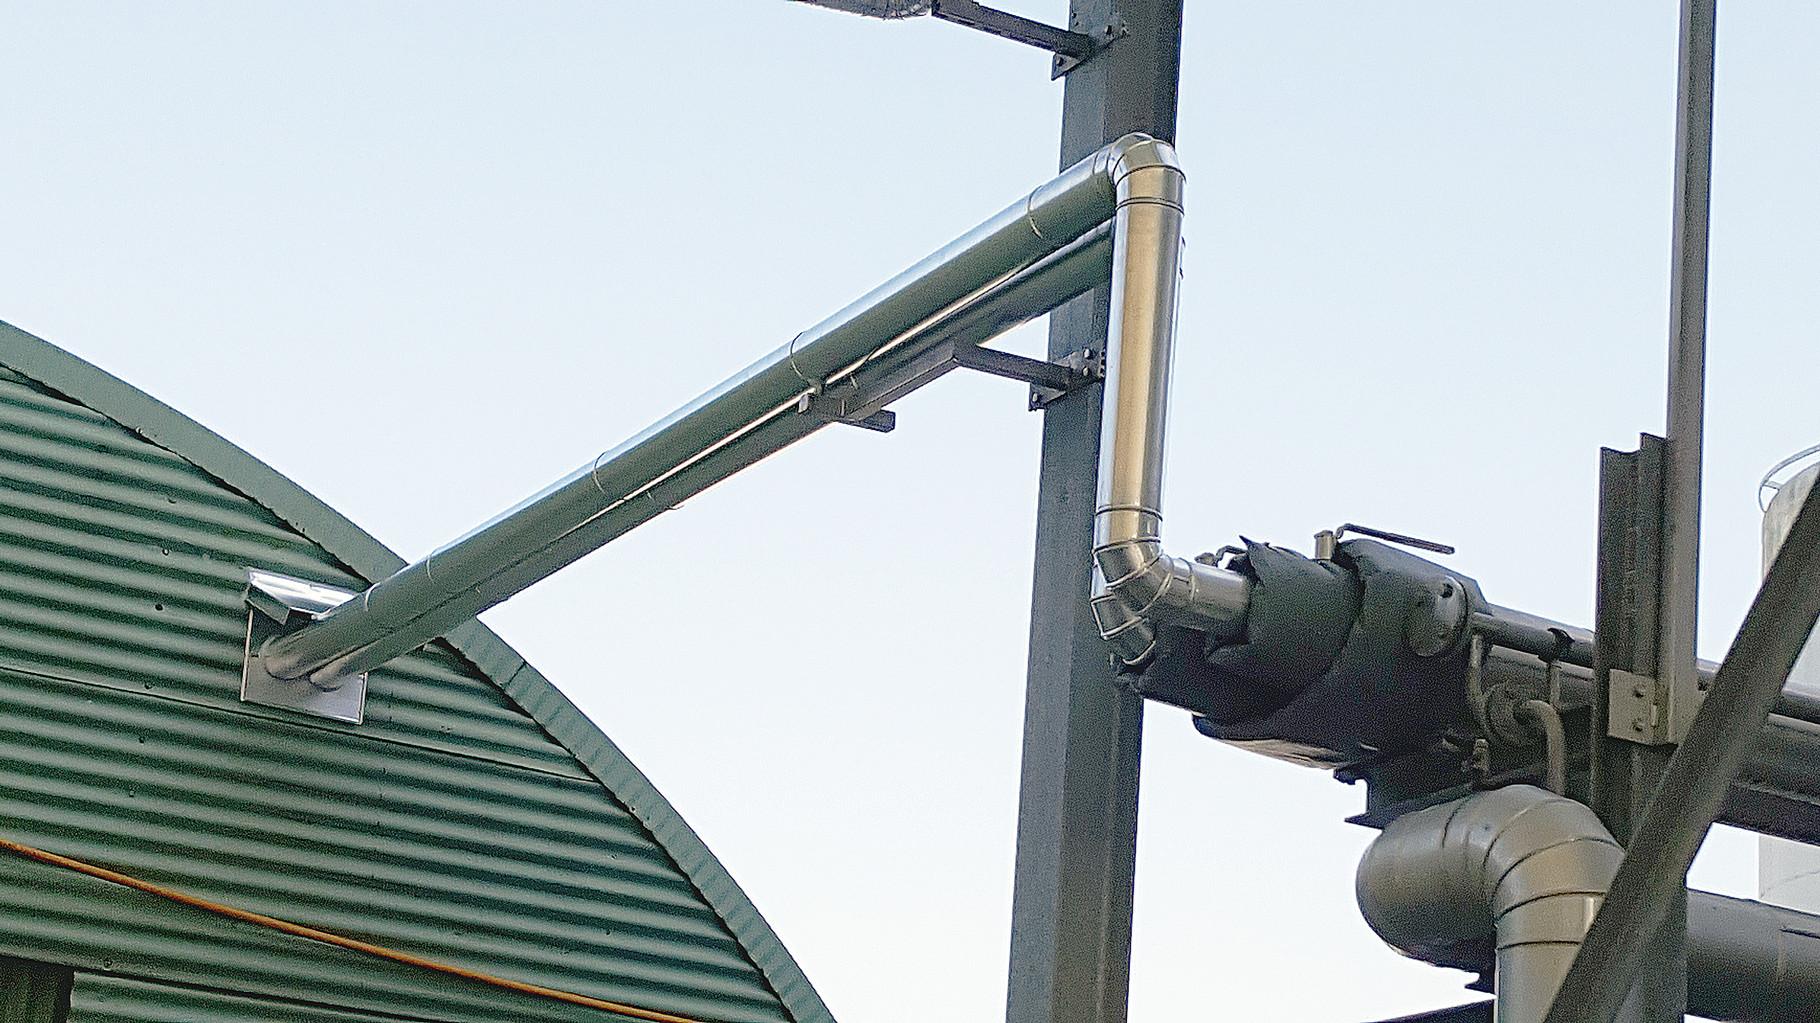 Transportleitung wärmegedämmt mit Armaturenkissen und Wetterschutz zur Verhinderung von Wassereindringung